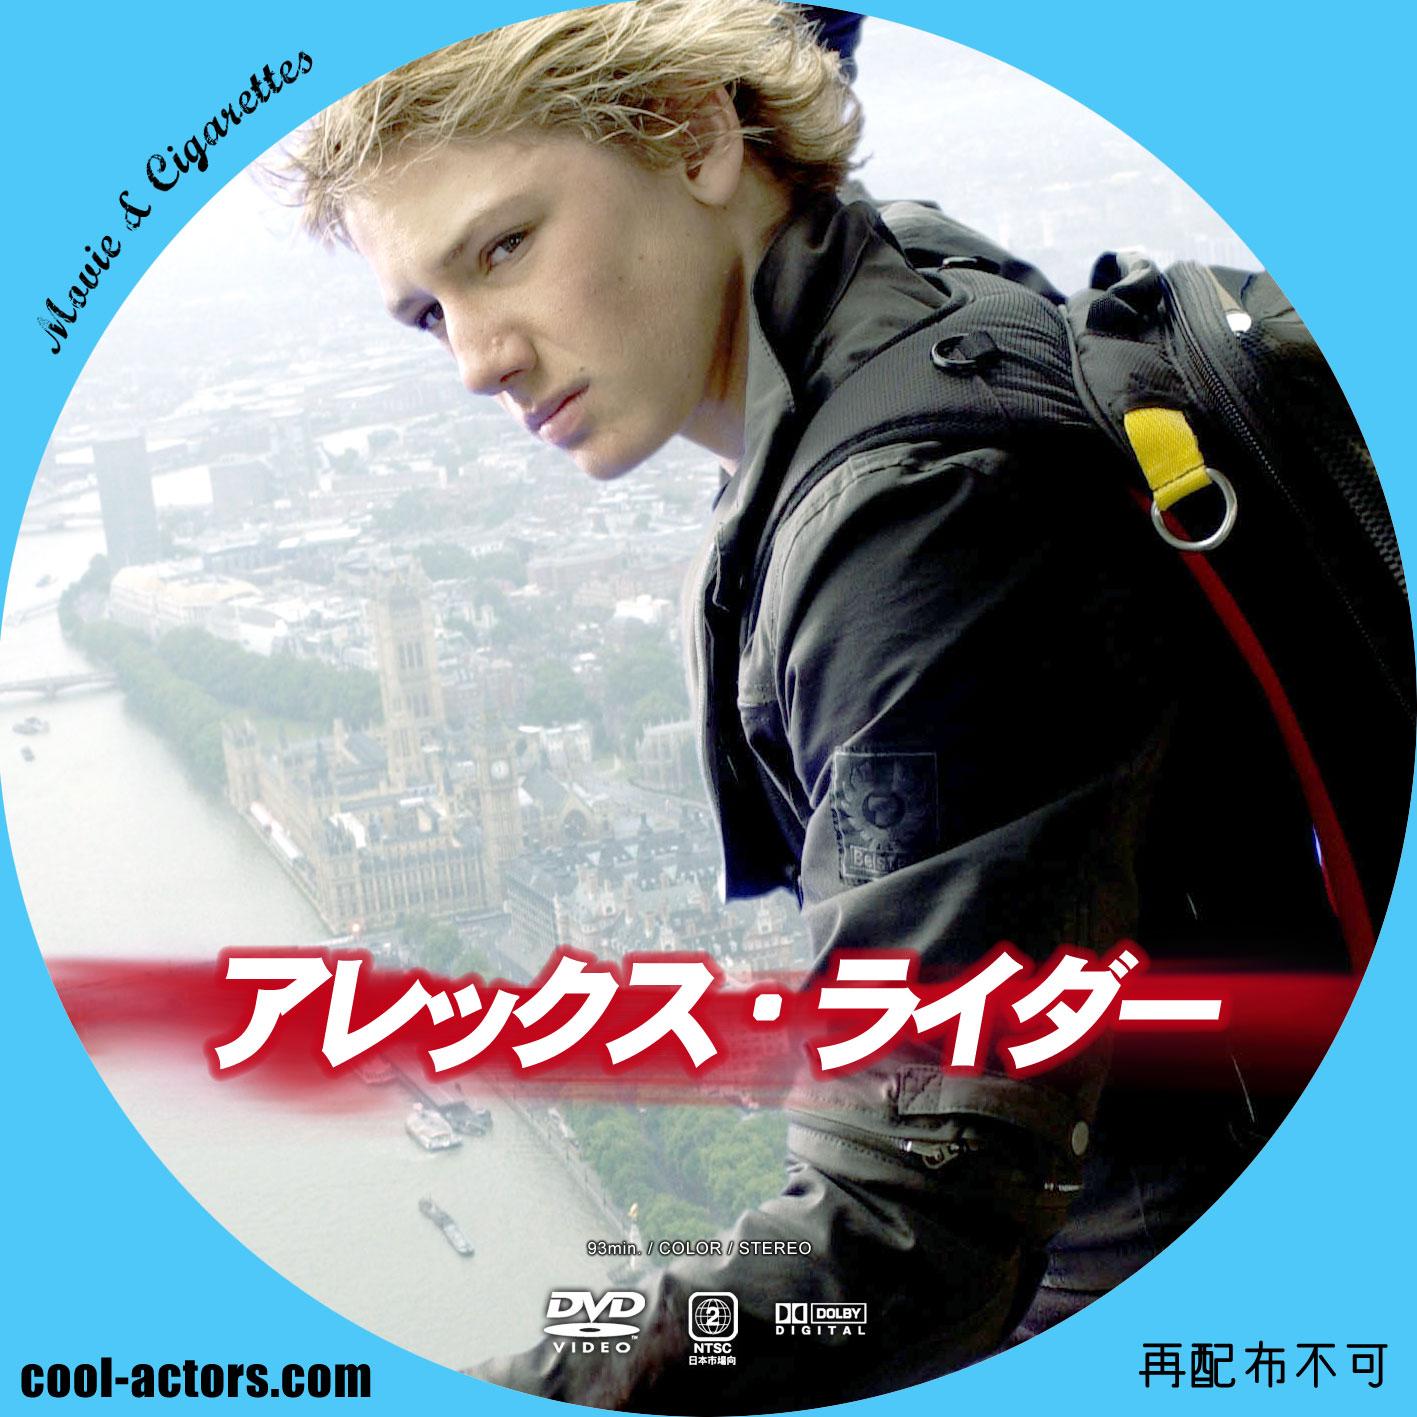 映画 アレックス・ライダー DVD ラベル(レーベル)